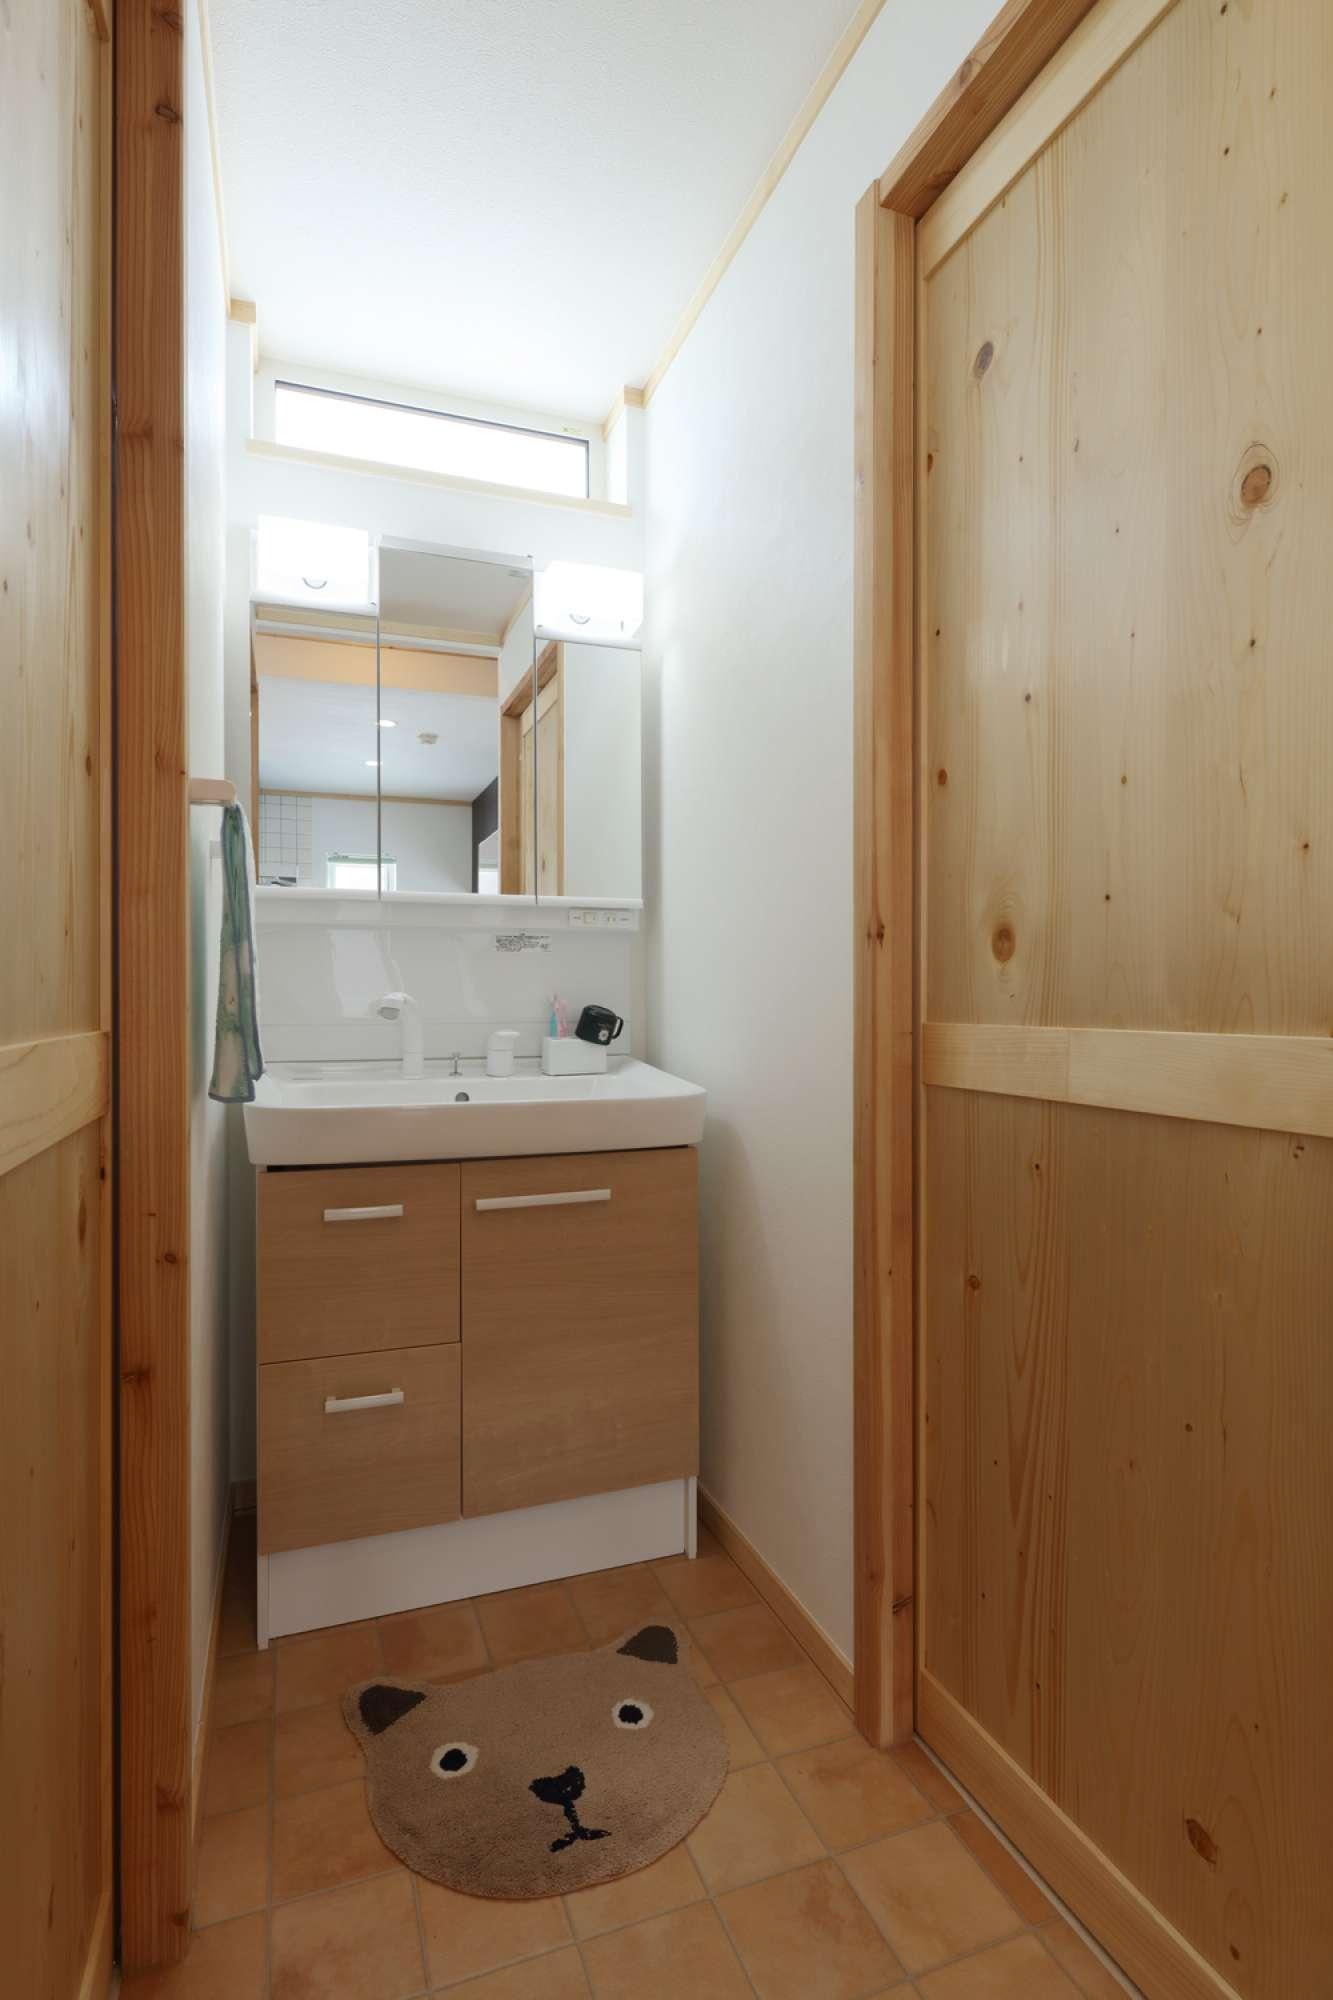 スペースにぴったりと収まる洗面台、鏡の裏にも収納がついています -  -  -